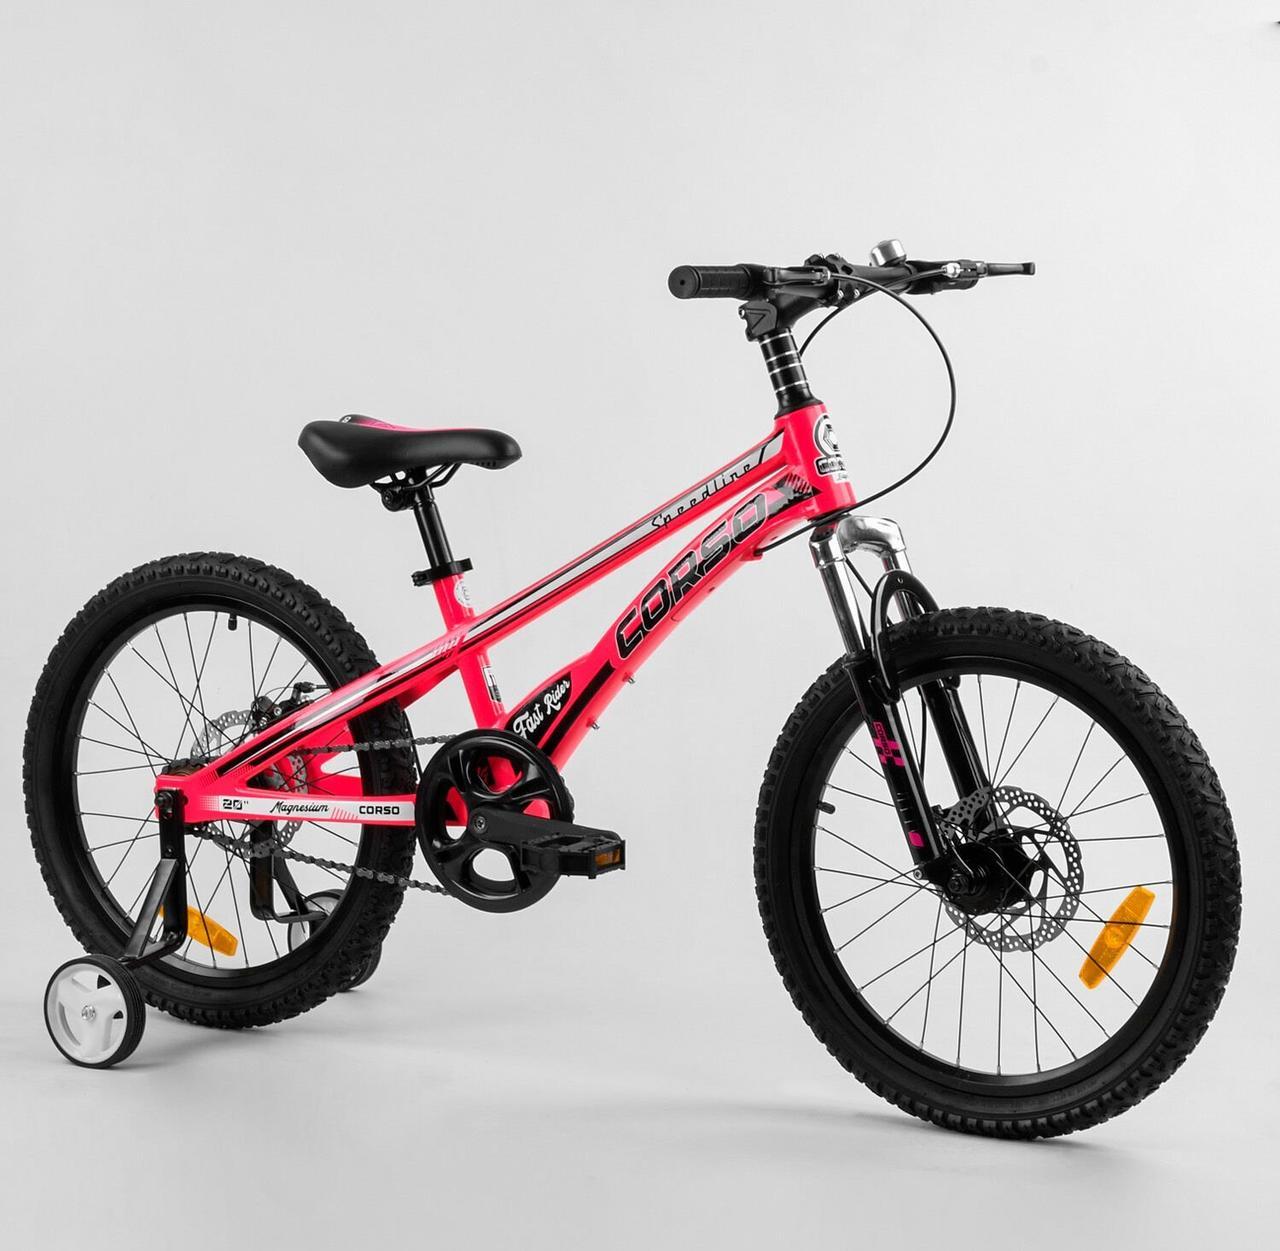 Міський велосипед для дівчинки з додатковими колесами і ручним гальмом CORSO «Speedline» MG-90363, рожевий